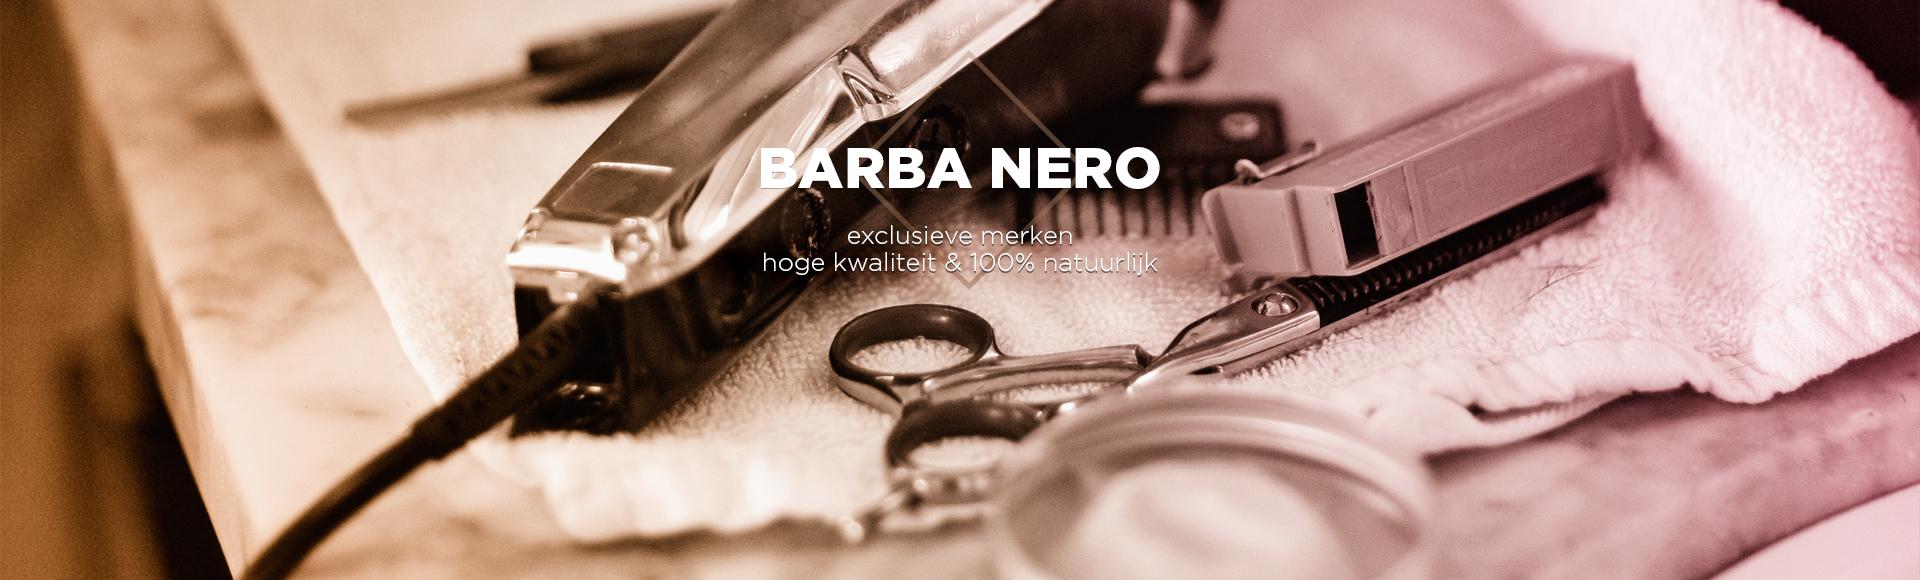 Barbanero Barber & Shop